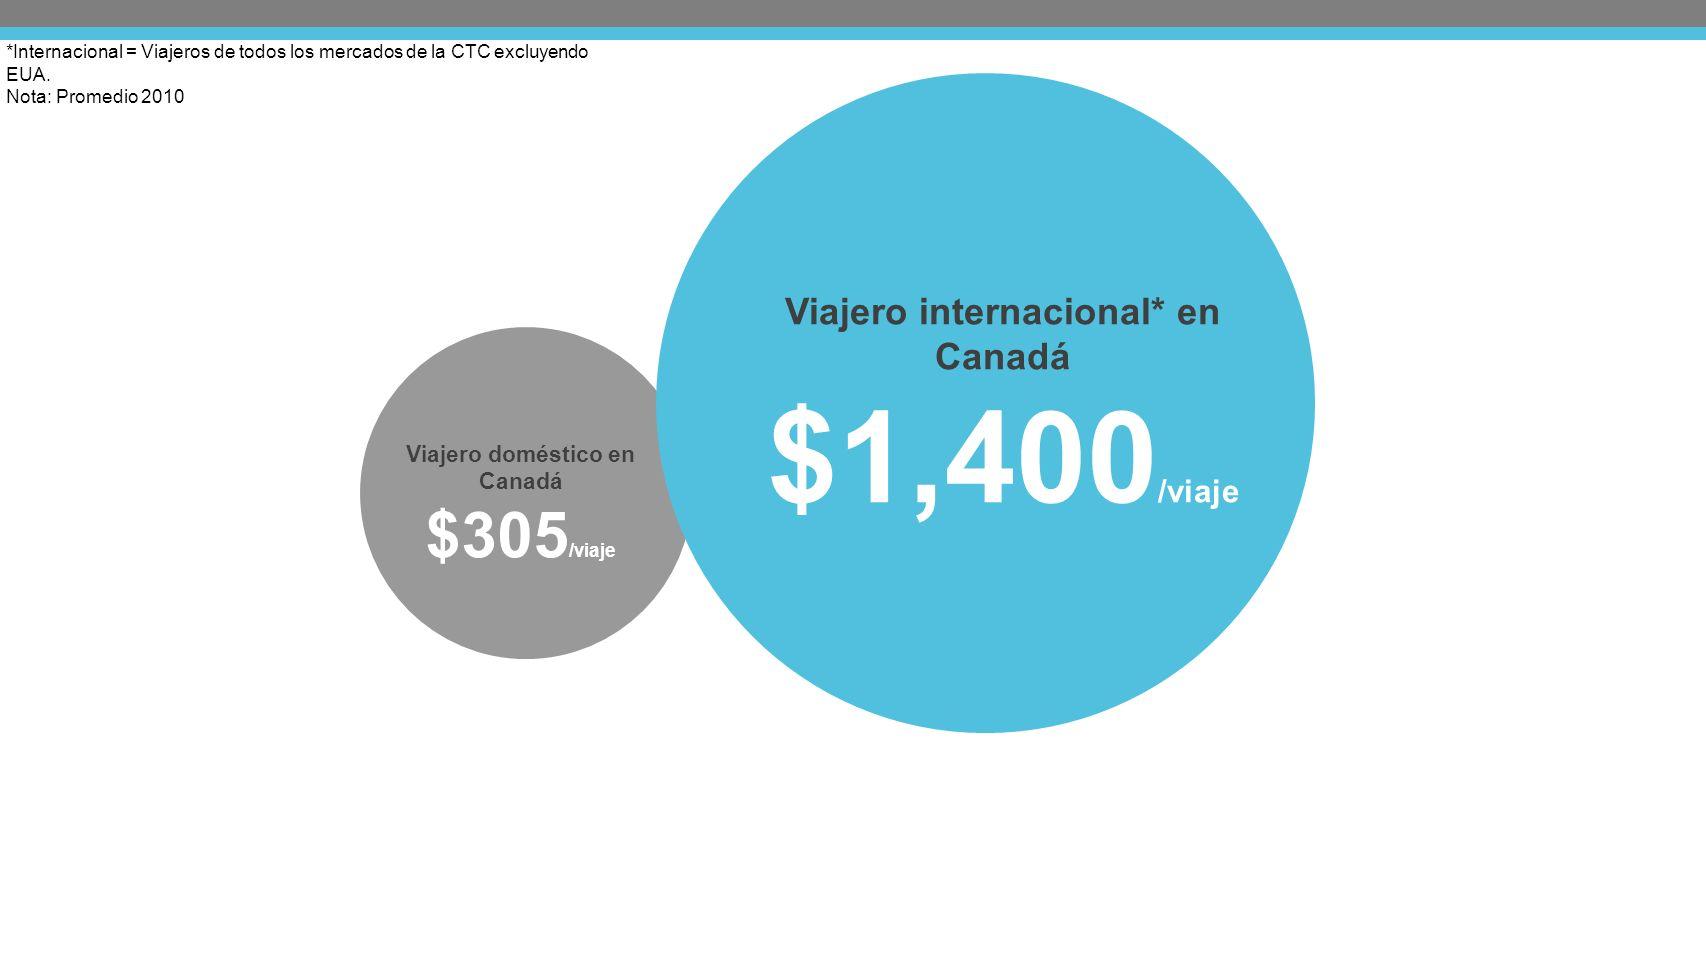 *Internacional = Viajeros de todos los mercados de la CTC excluyendo EUA.